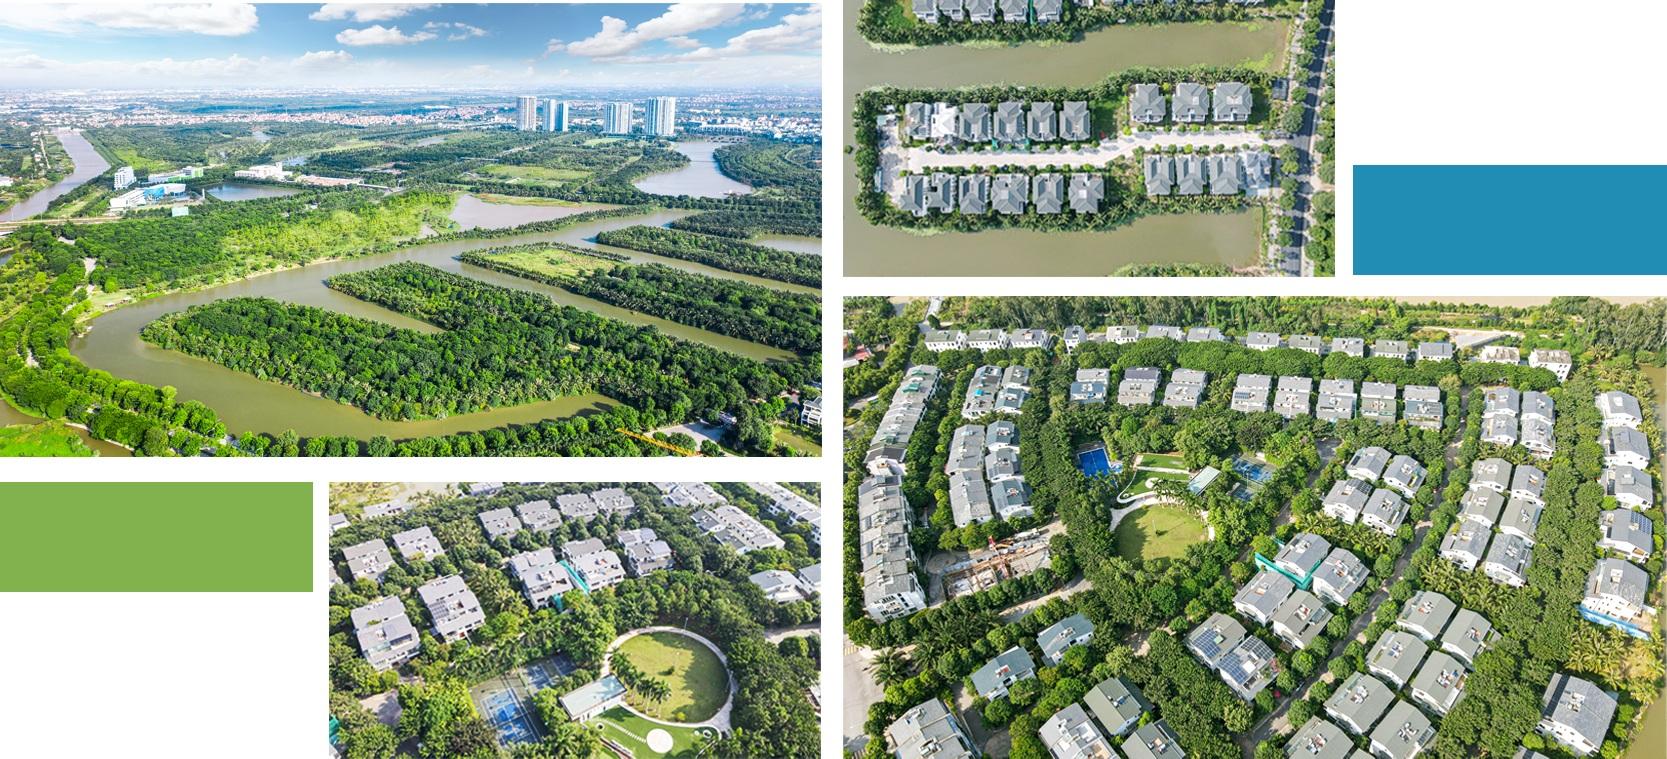 Thành phố triệu cây xanh Ecopark nhìn từ camera bay - 3